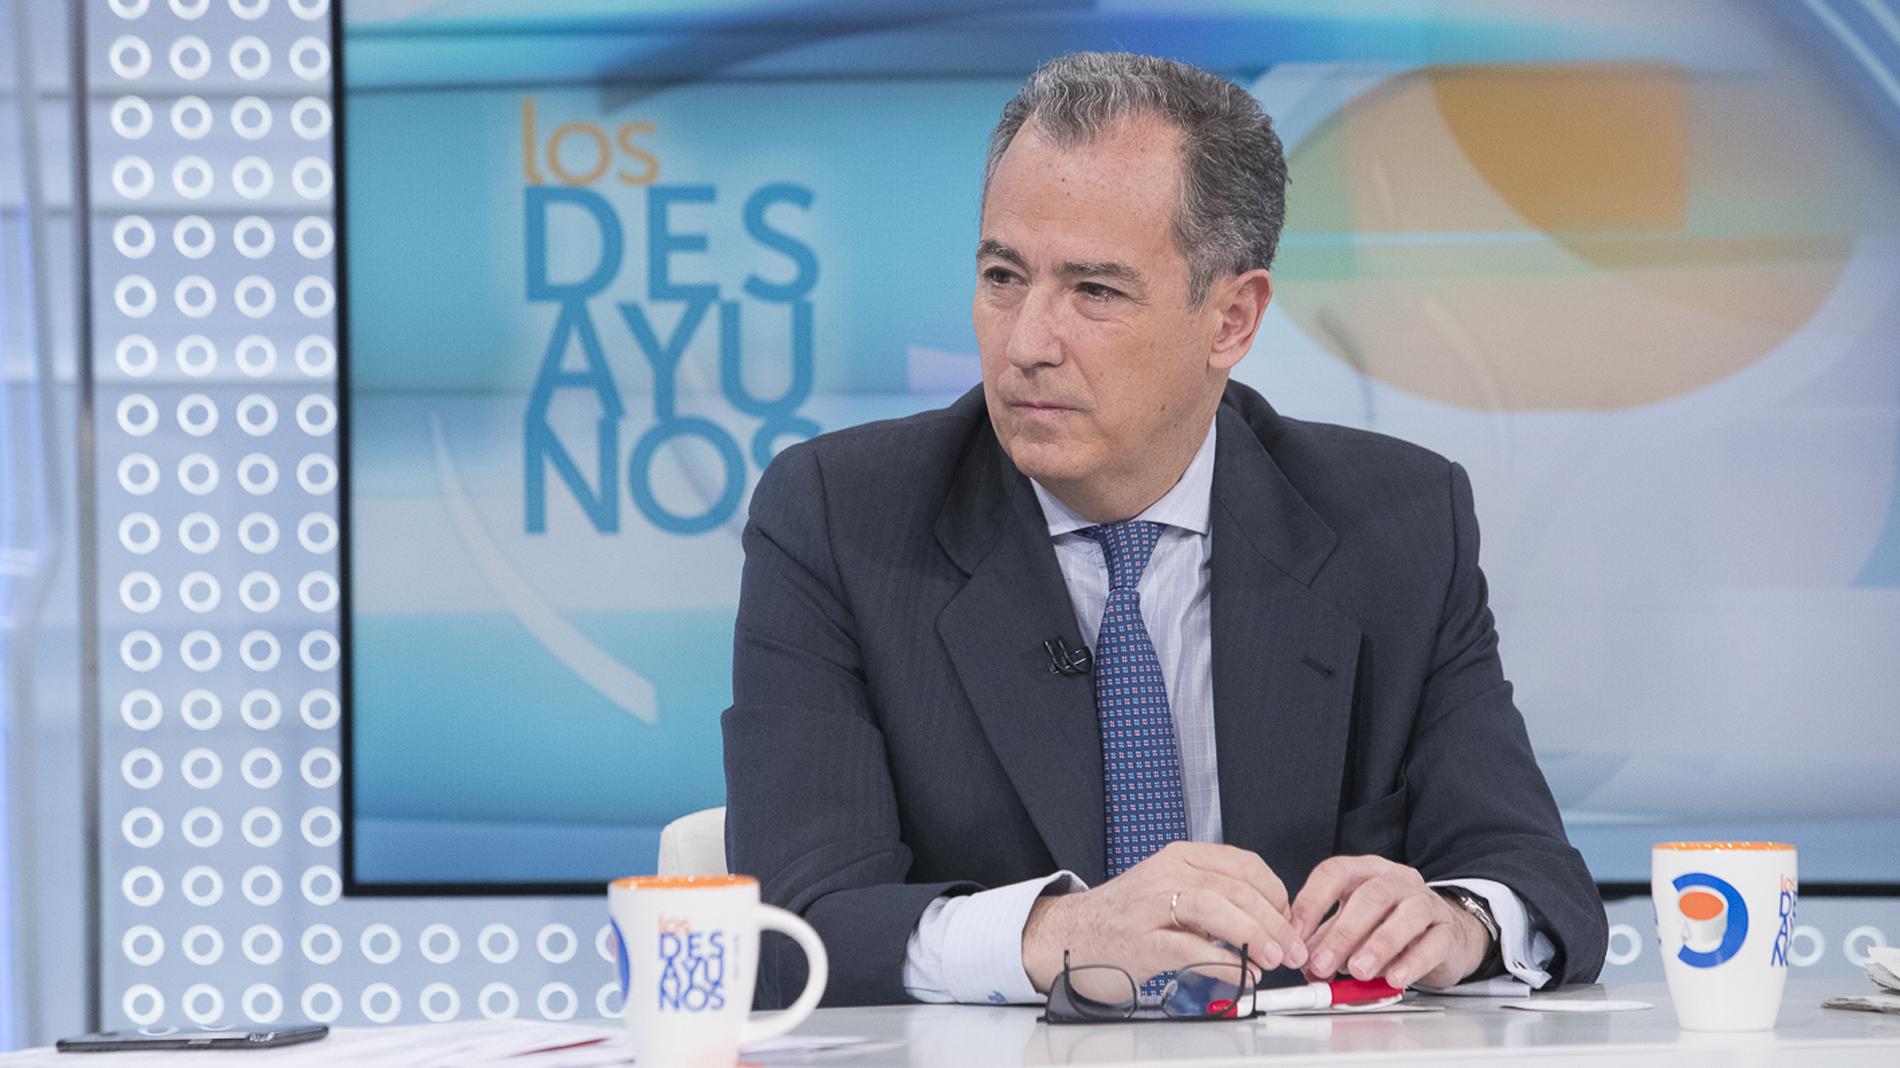 El PP asegura que la presidenta de la Asamblea de Madrid convocará la moción de censura contra Cifuentes en plazo